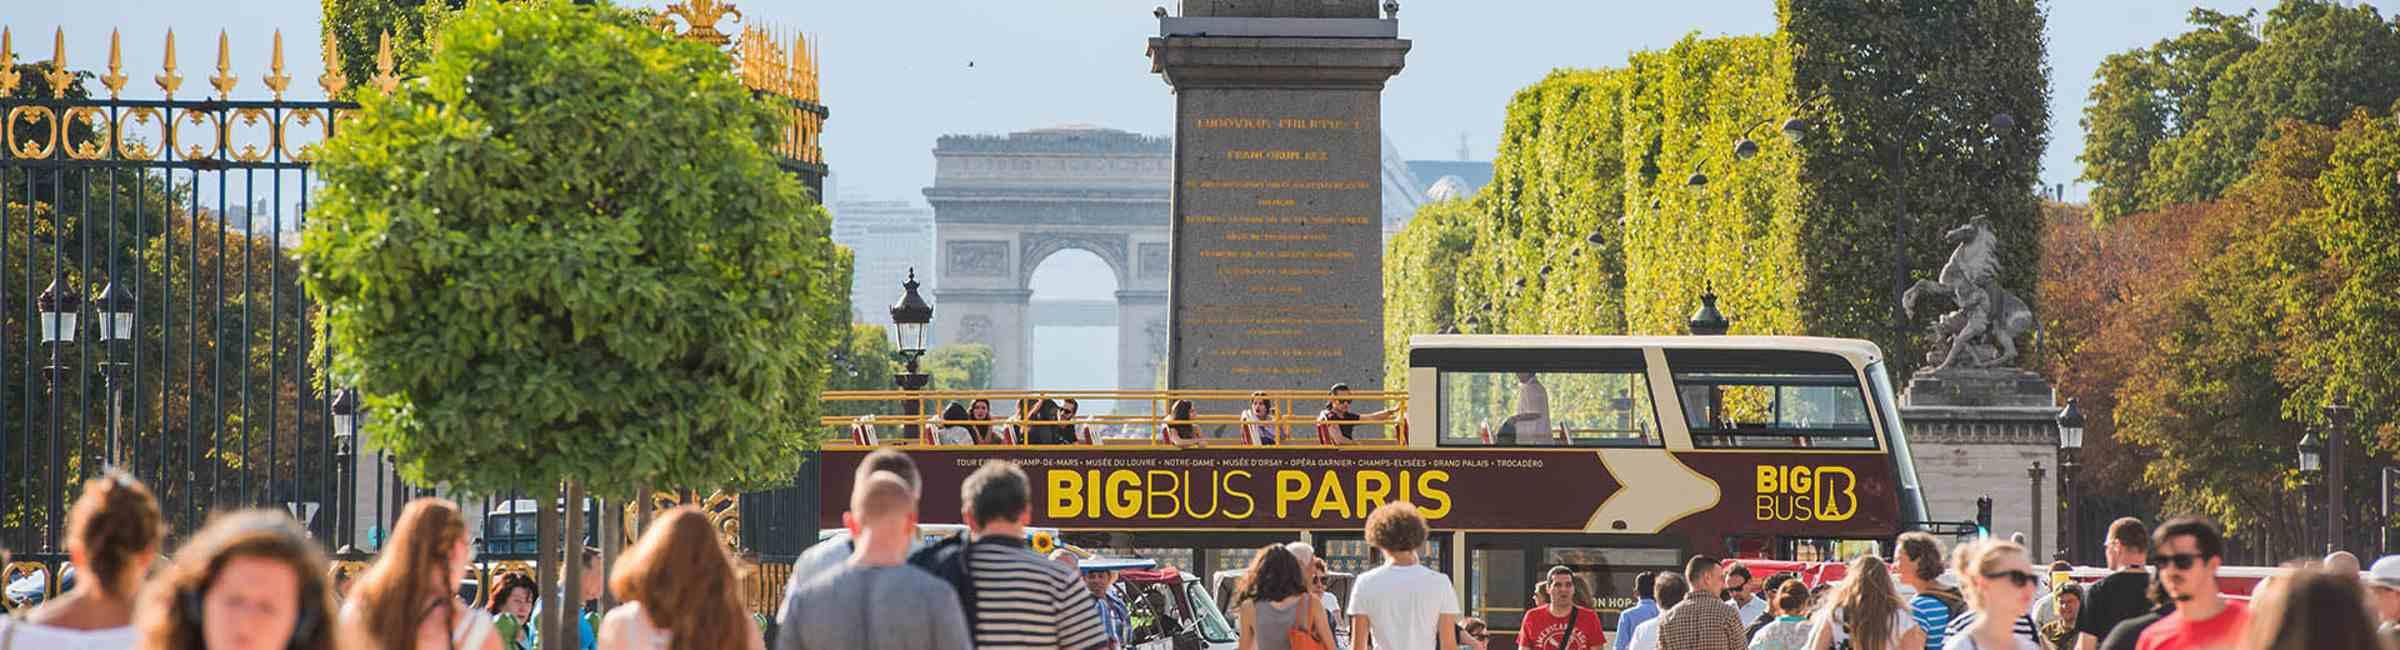 Big Bus tour in Paris